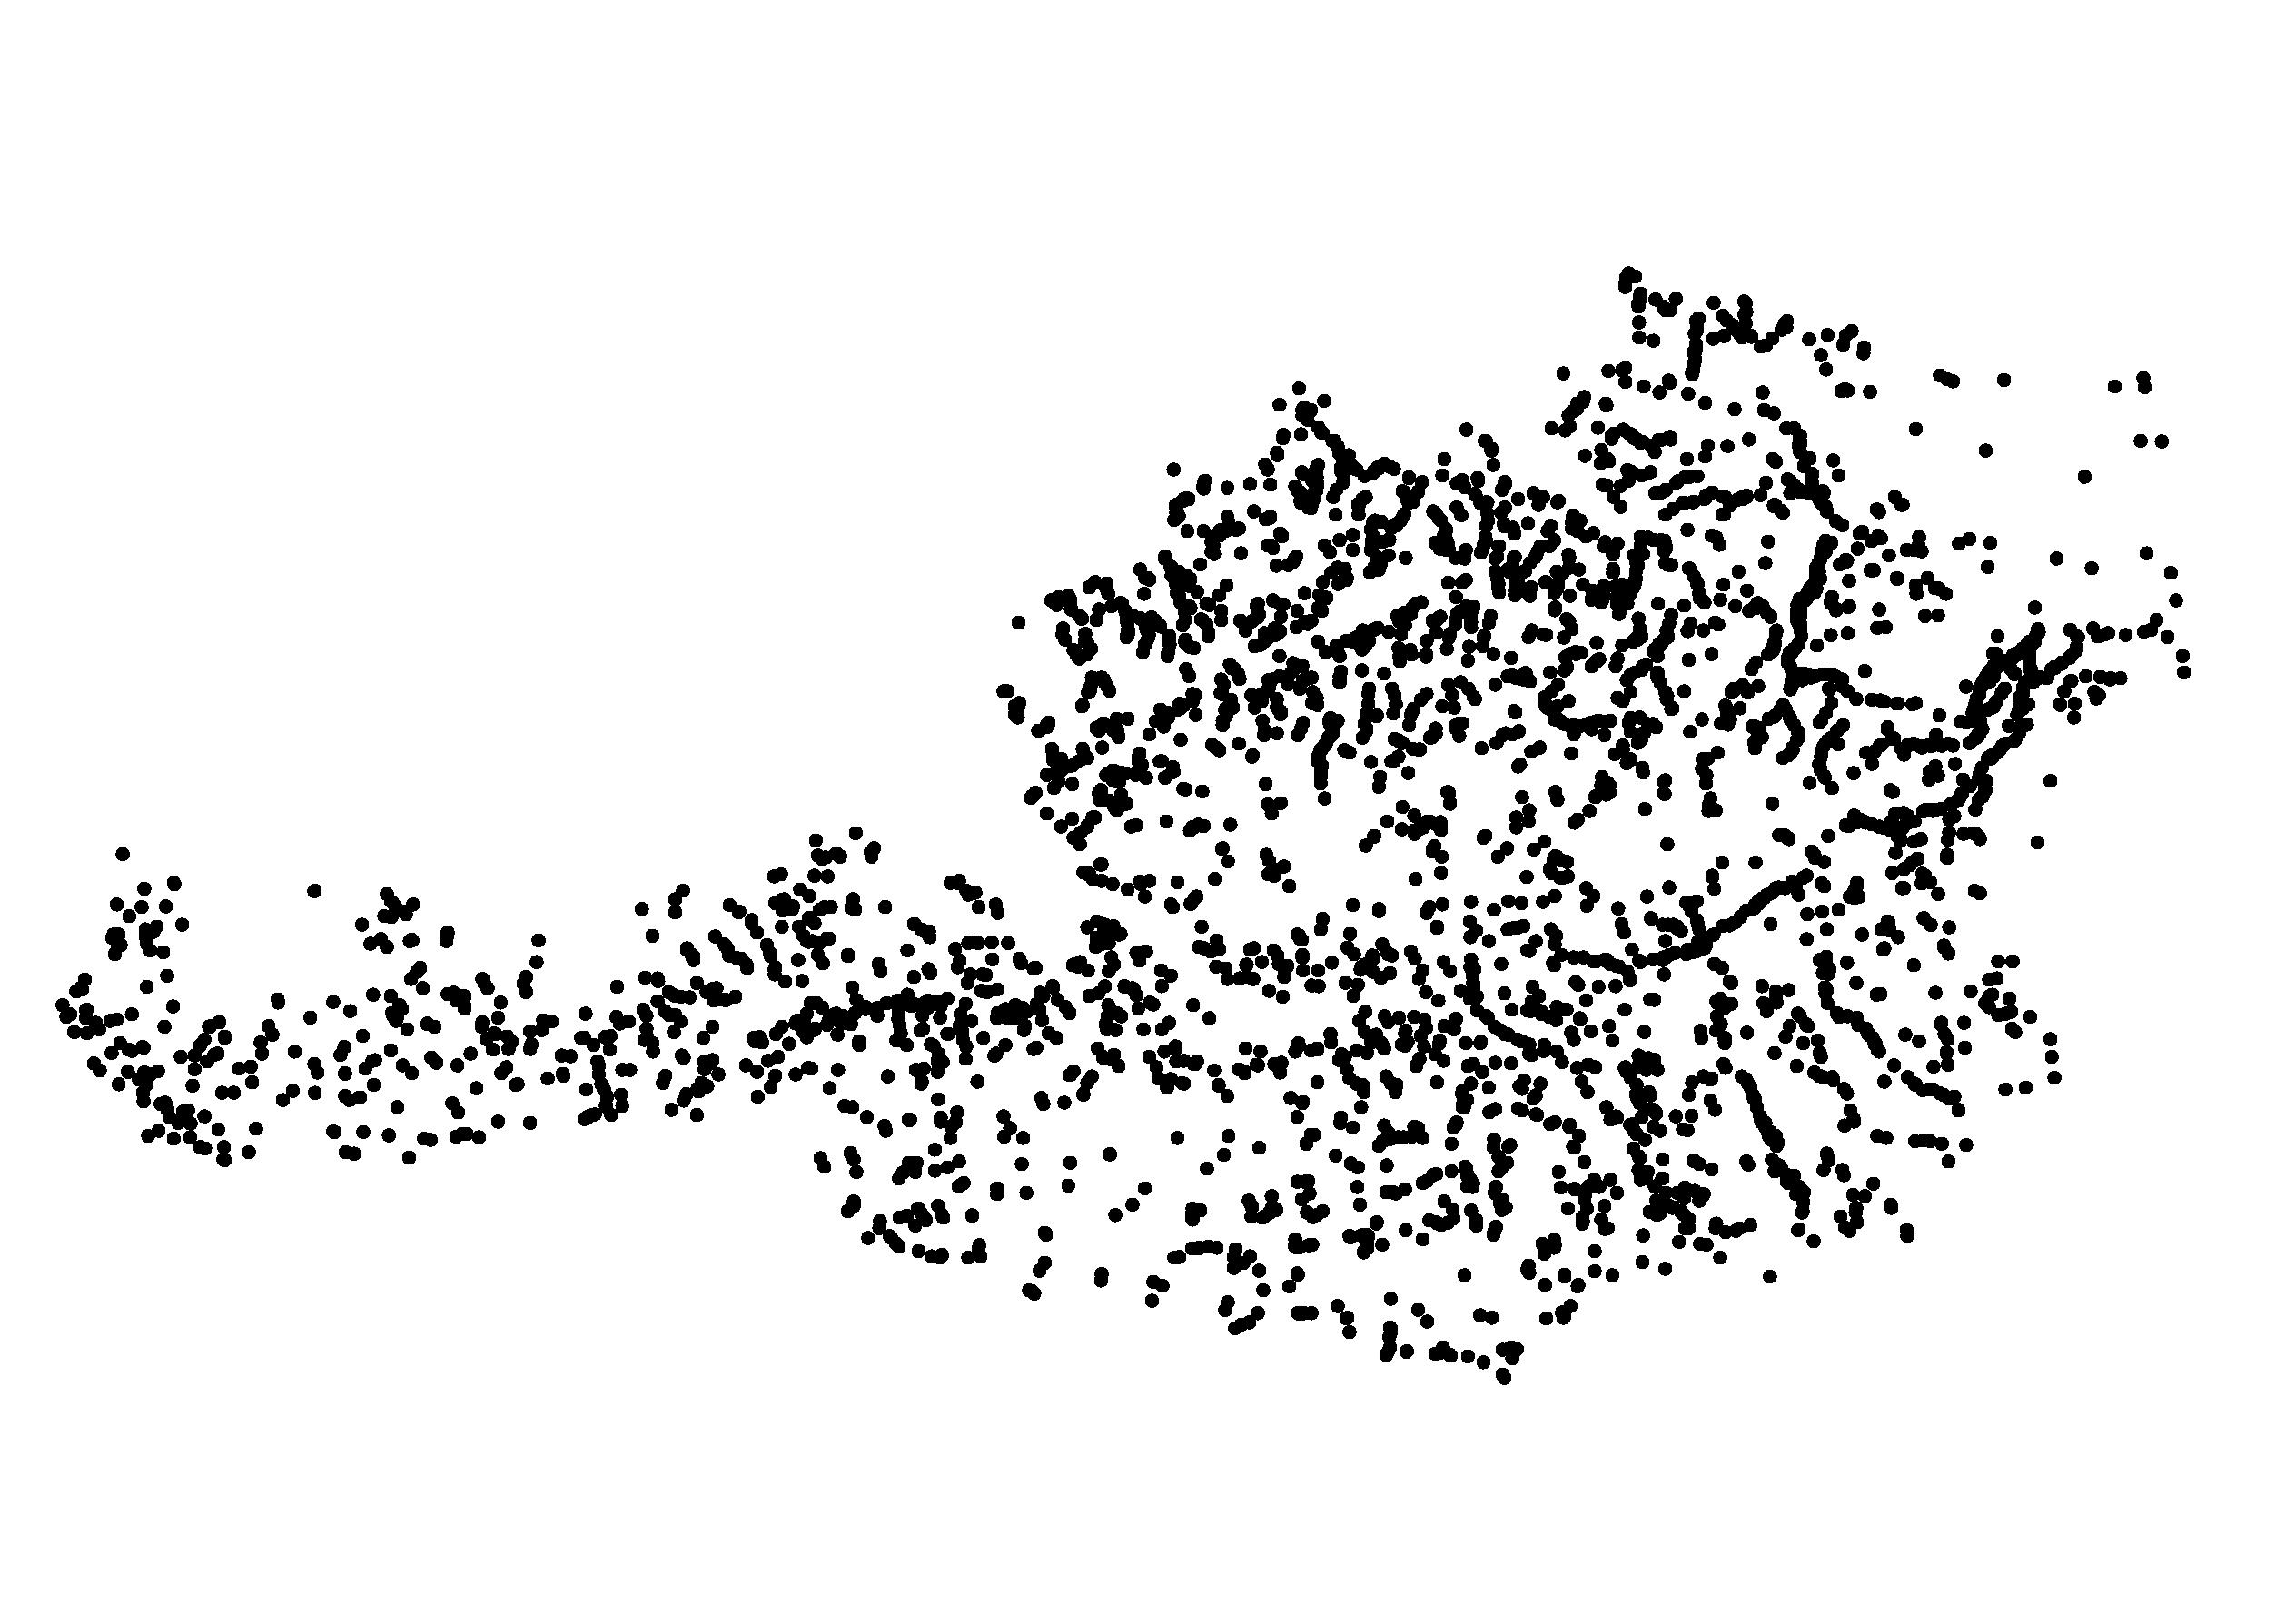 kraftwerke_bestehend